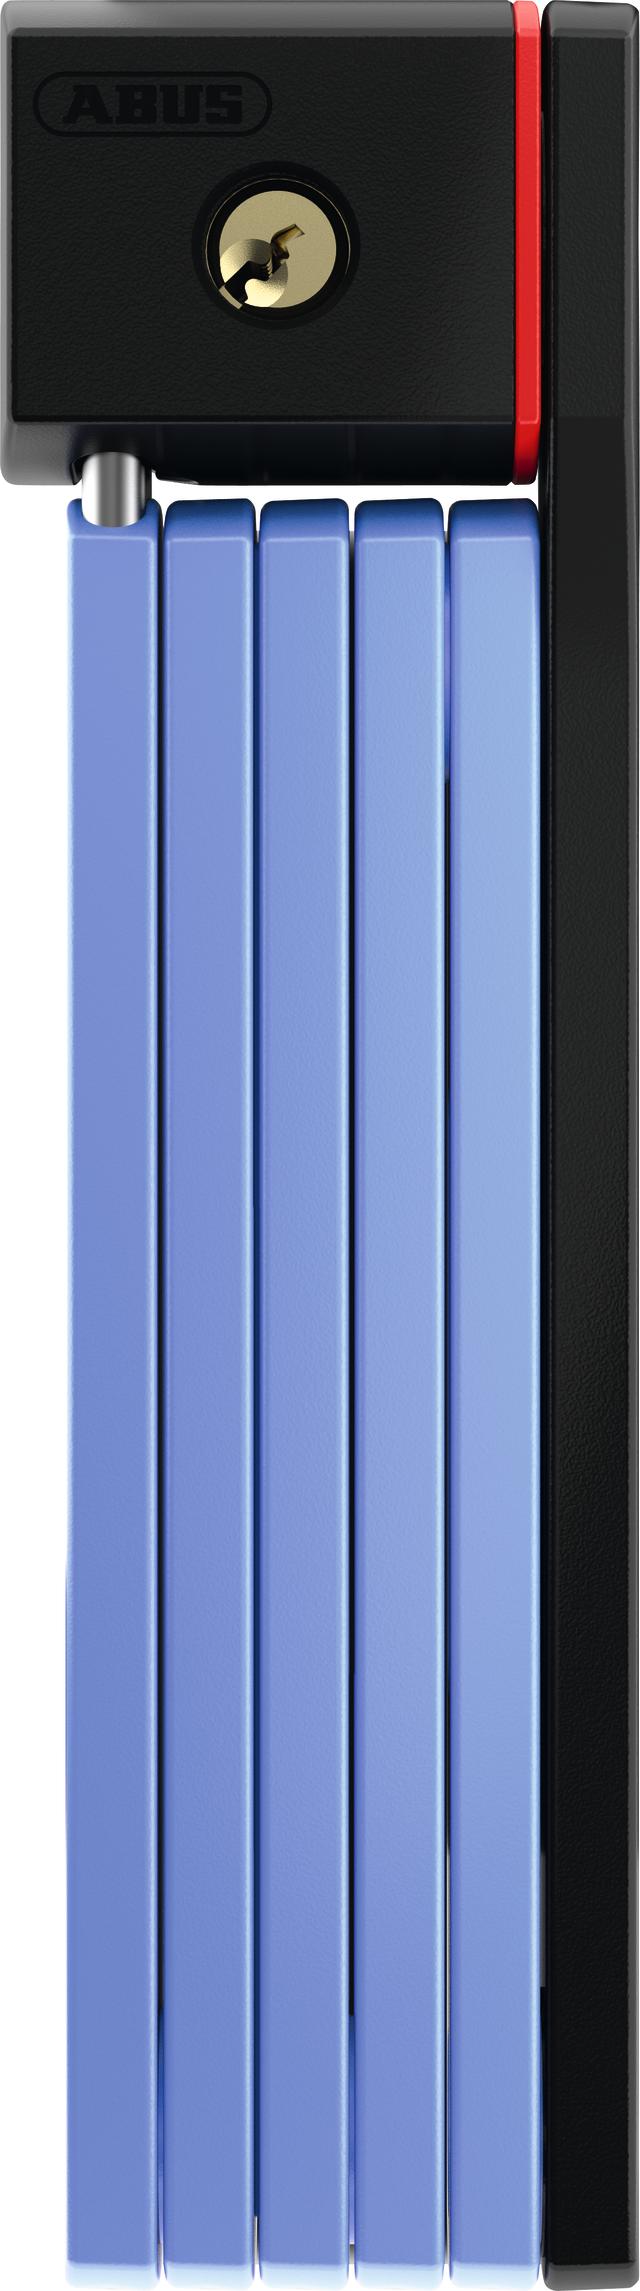 Faltschloss 5700/80 blau